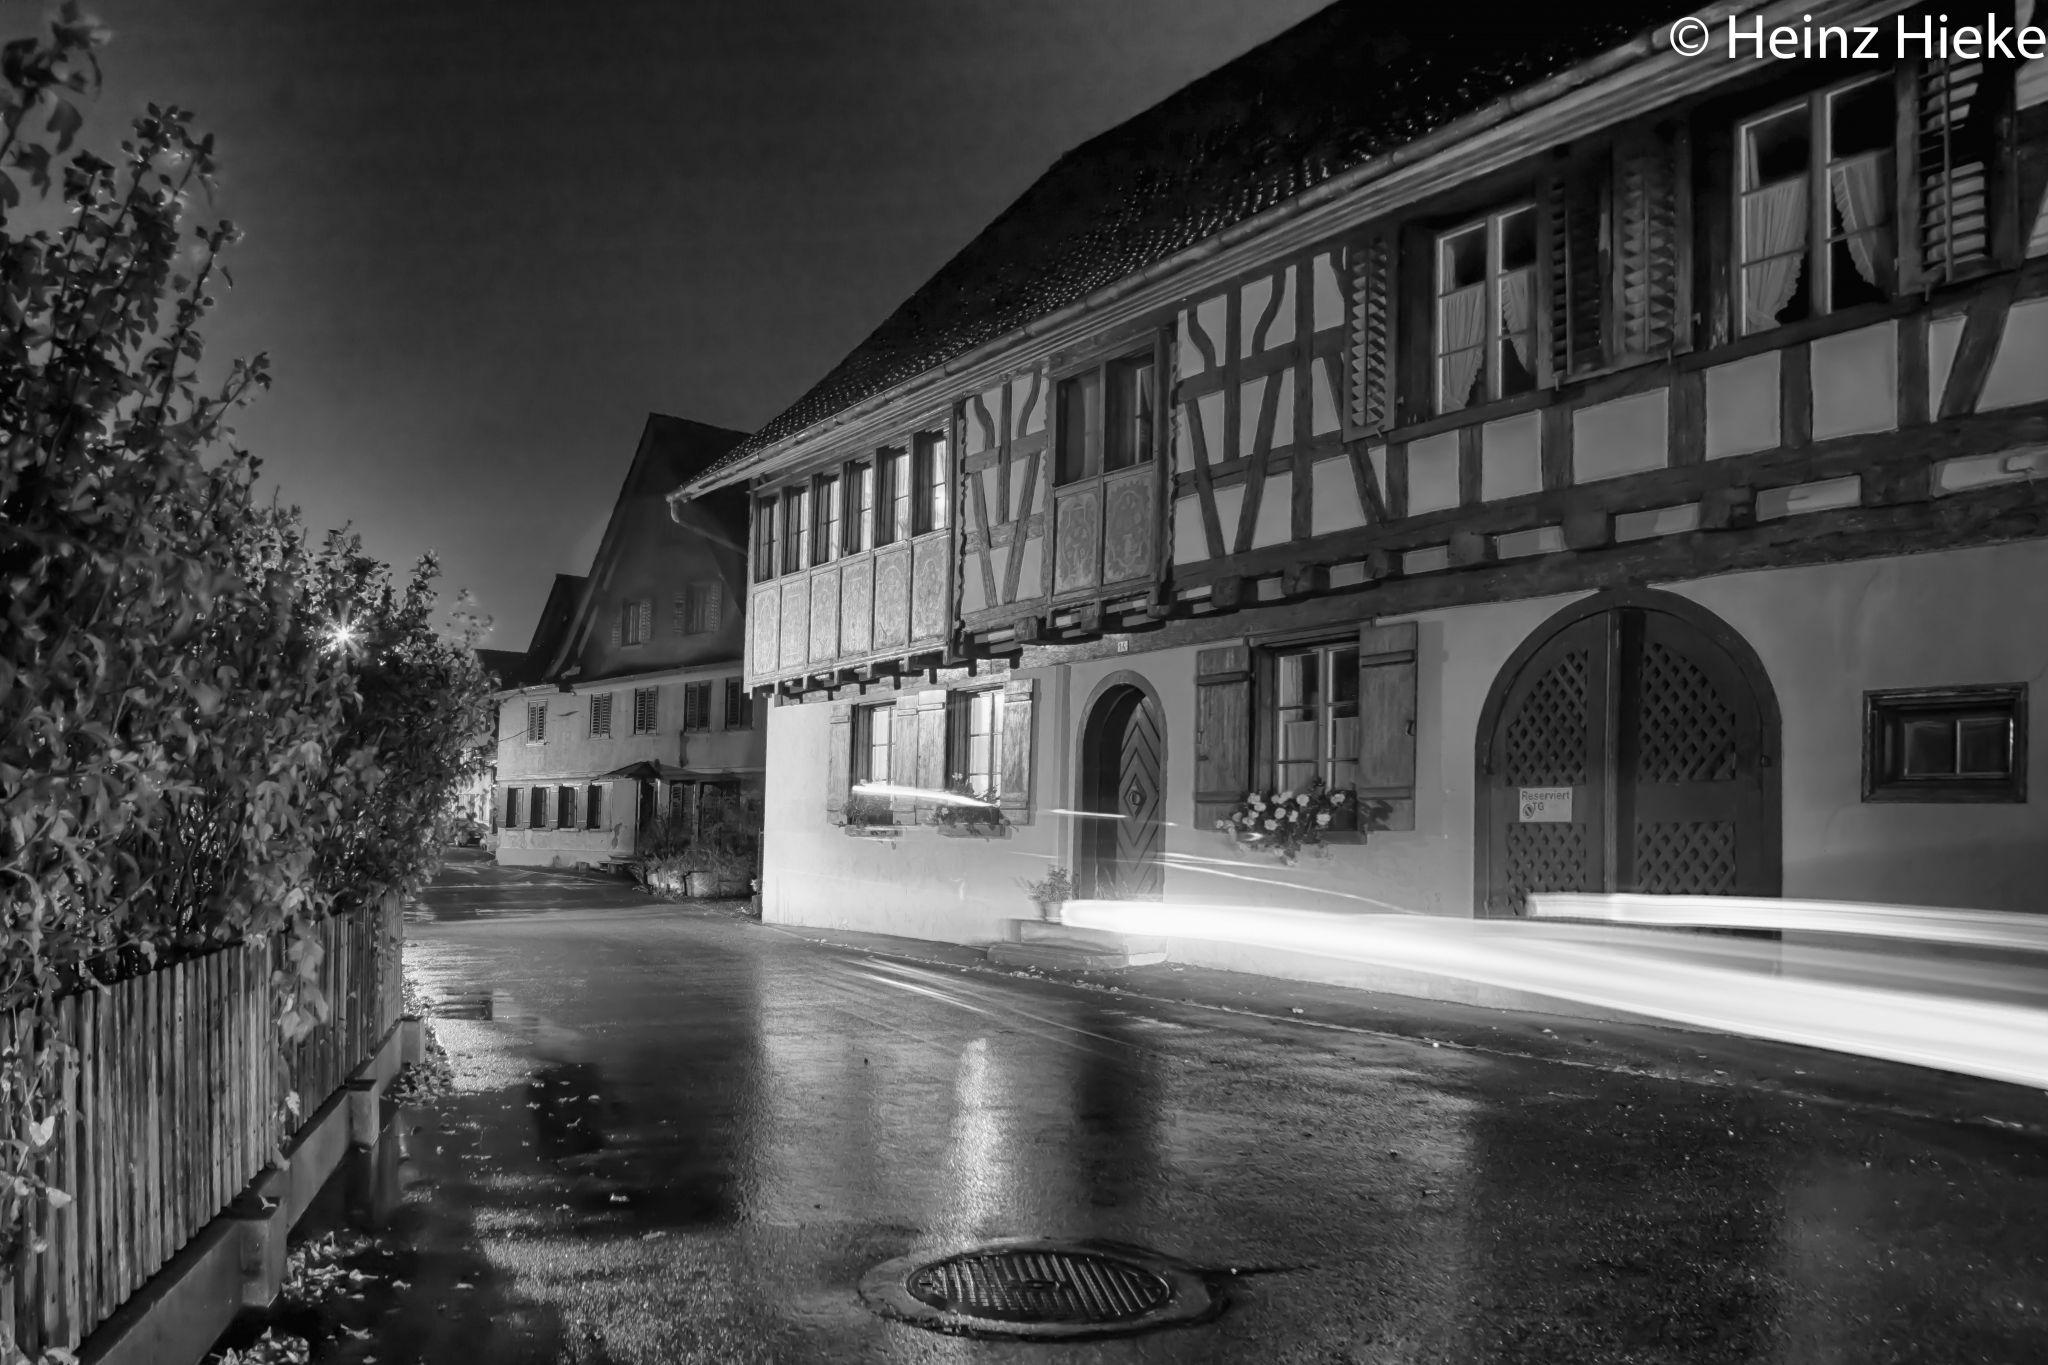 Obere Seestrasse, Switzerland